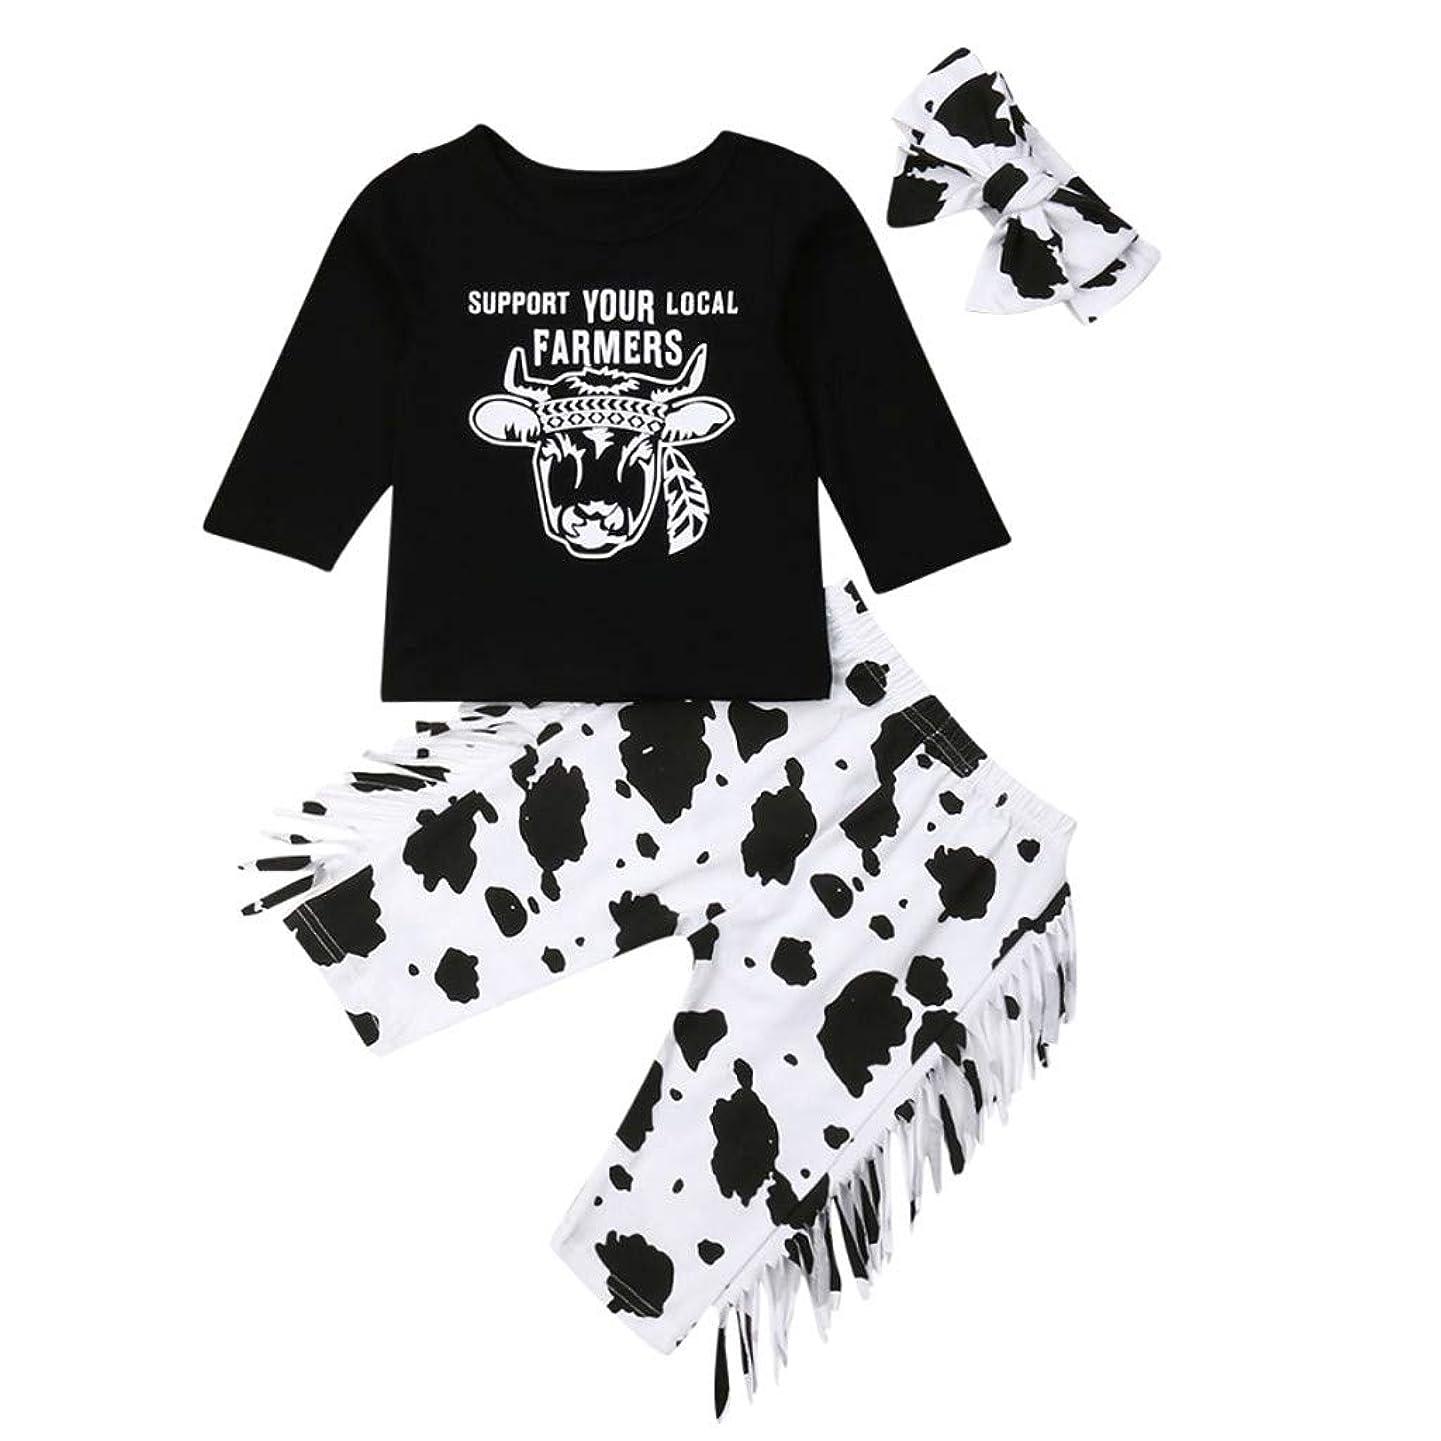 翻訳測定可能あらゆる種類のベビー服 トップス Rouhuiky 可愛い 長袖 3点セット 牛ローブ+スポットパンツ+ヘアバンド 女の子 子供用 男の子 コットン ボディオール 普段着 新生児服 文化祭 出産祝い